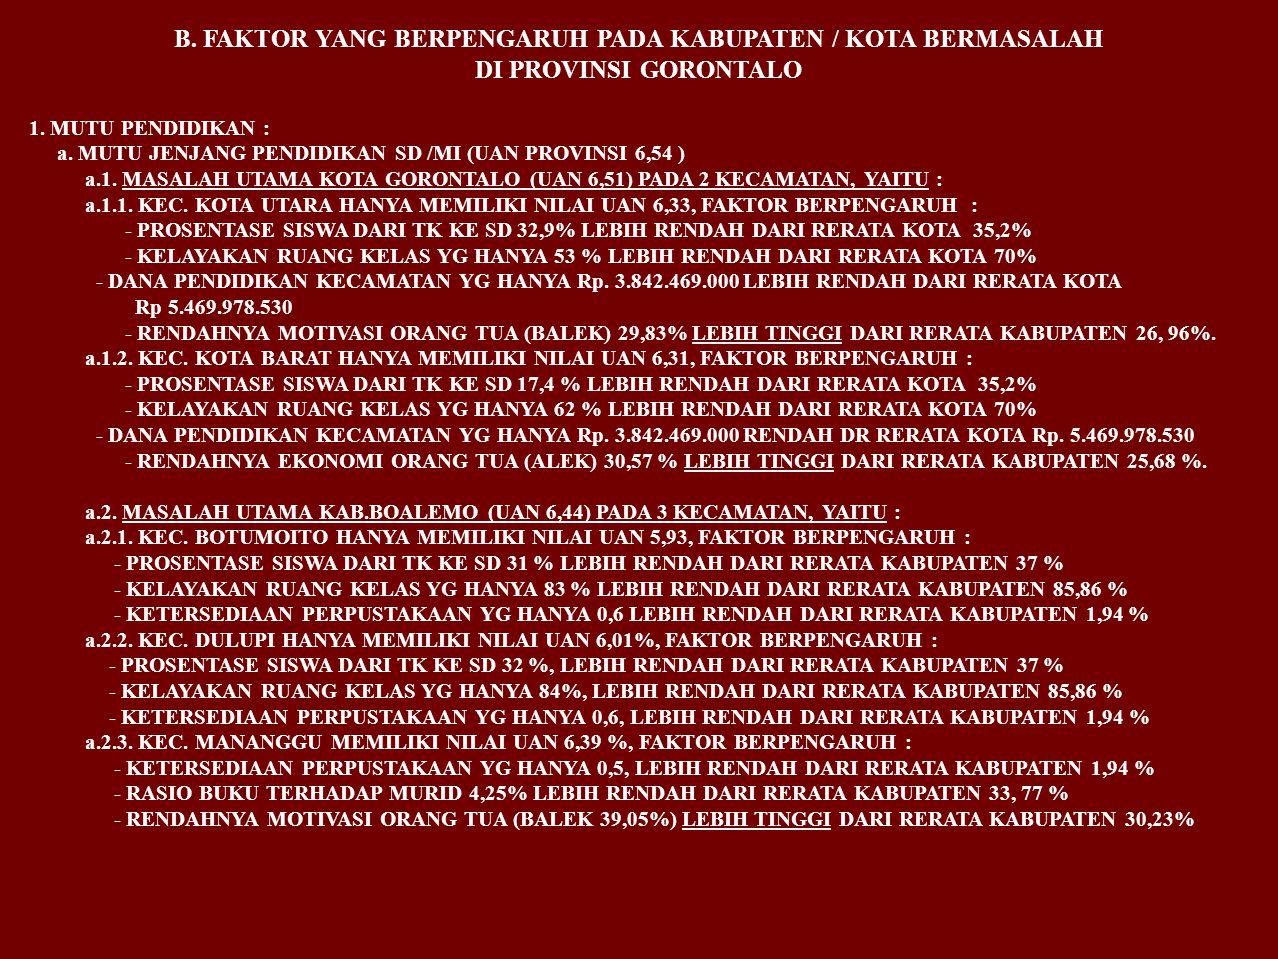 B. FAKTOR YANG BERPENGARUH PADA KABUPATEN / KOTA BERMASALAH